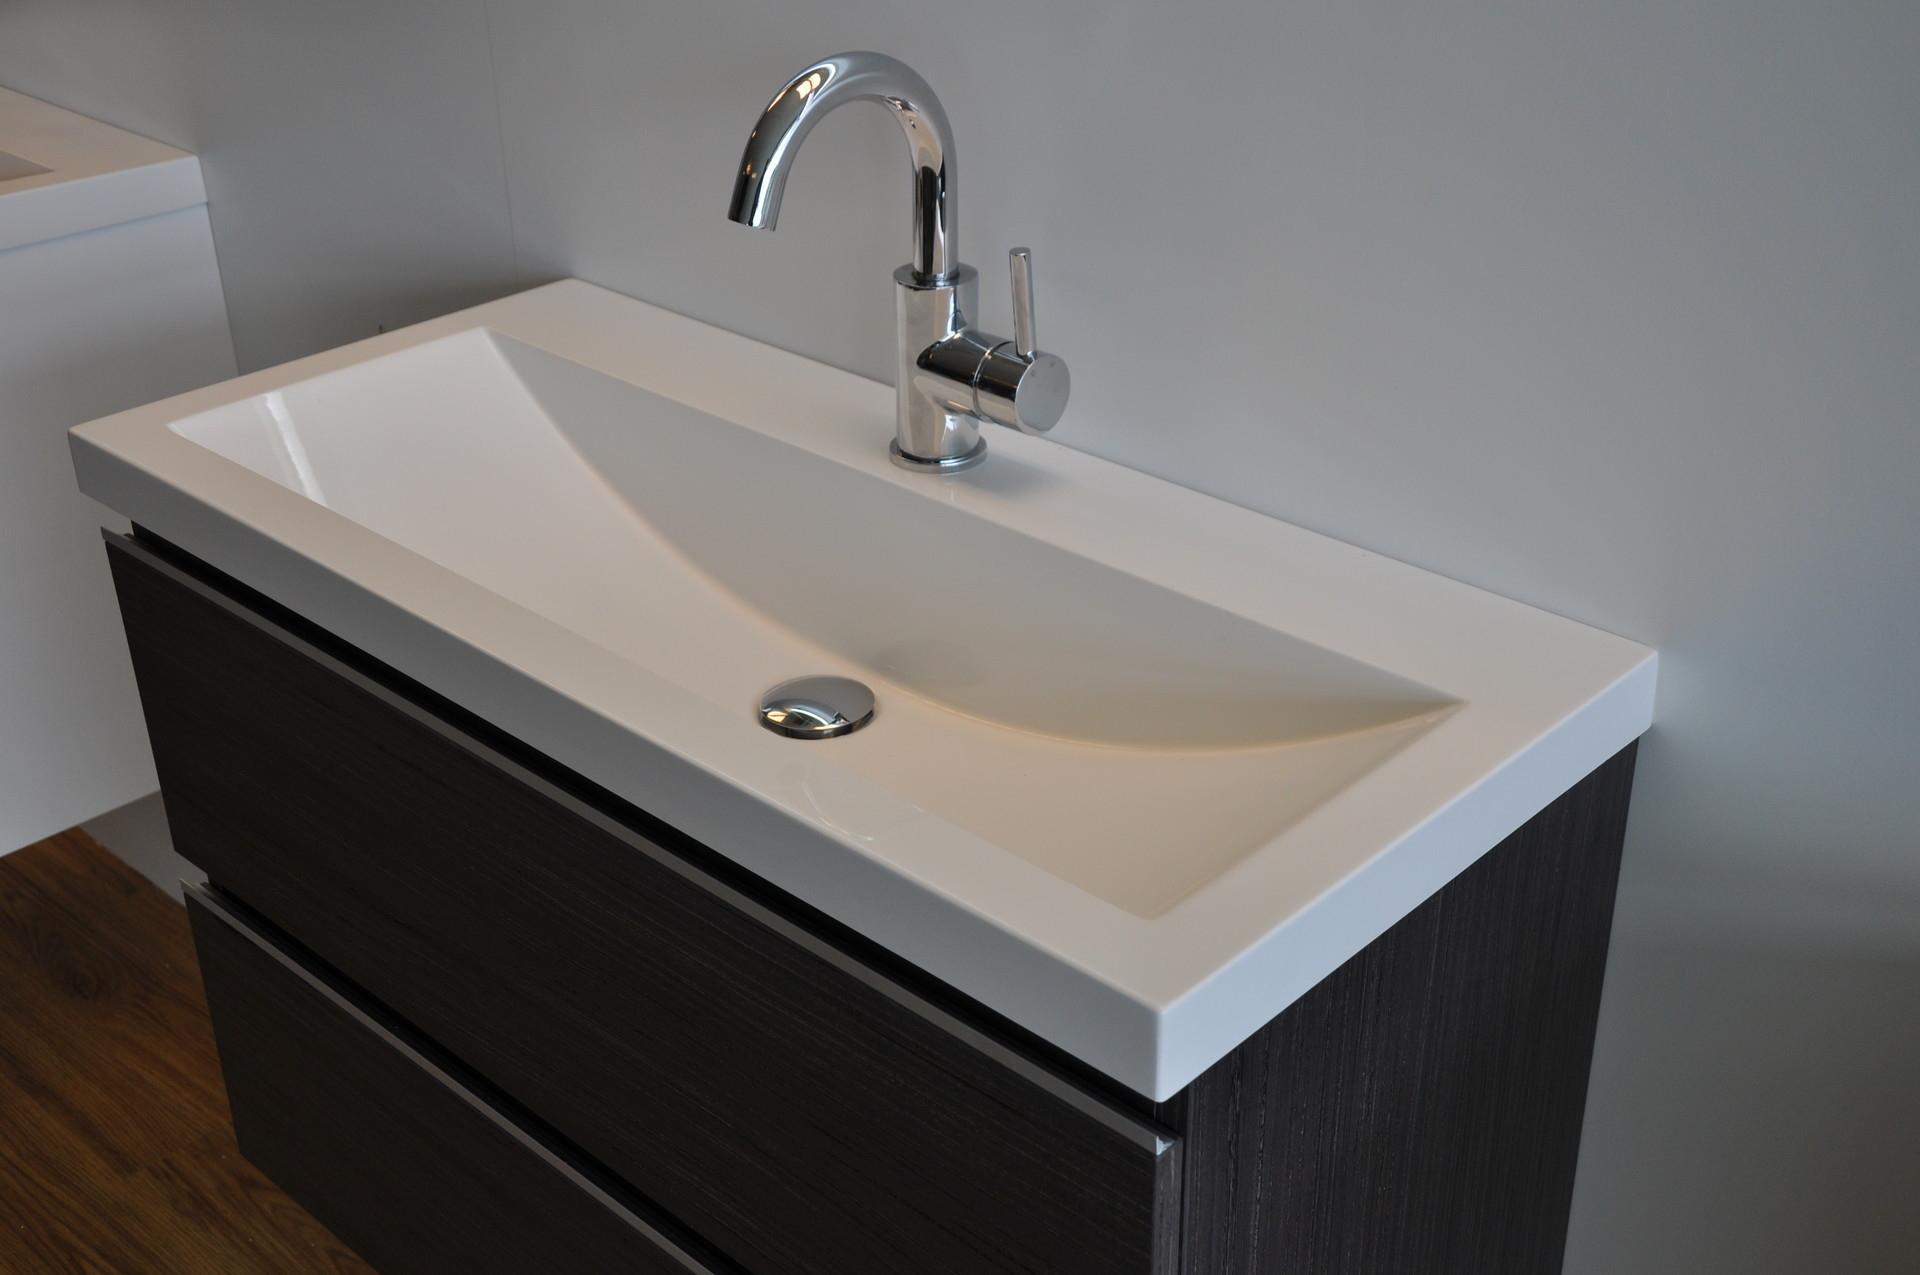 Wastafelmeubel met waskom zelf badkamermeubel maken het zelf